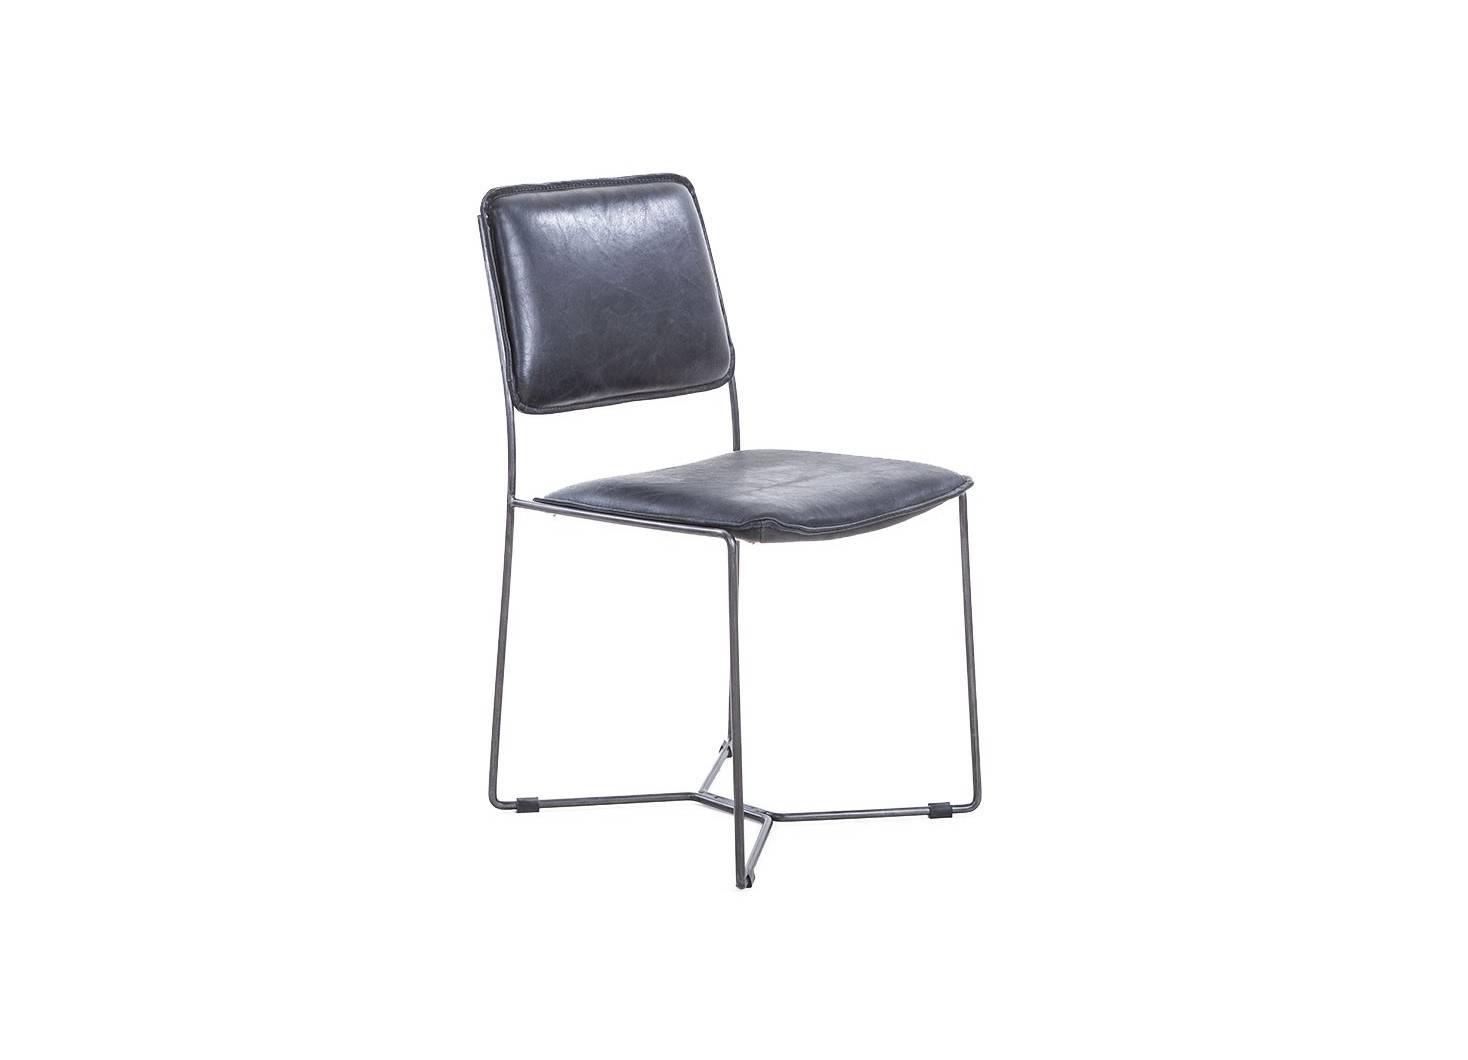 Chaise de salle à manger en cuir vintage noir et metal noir.